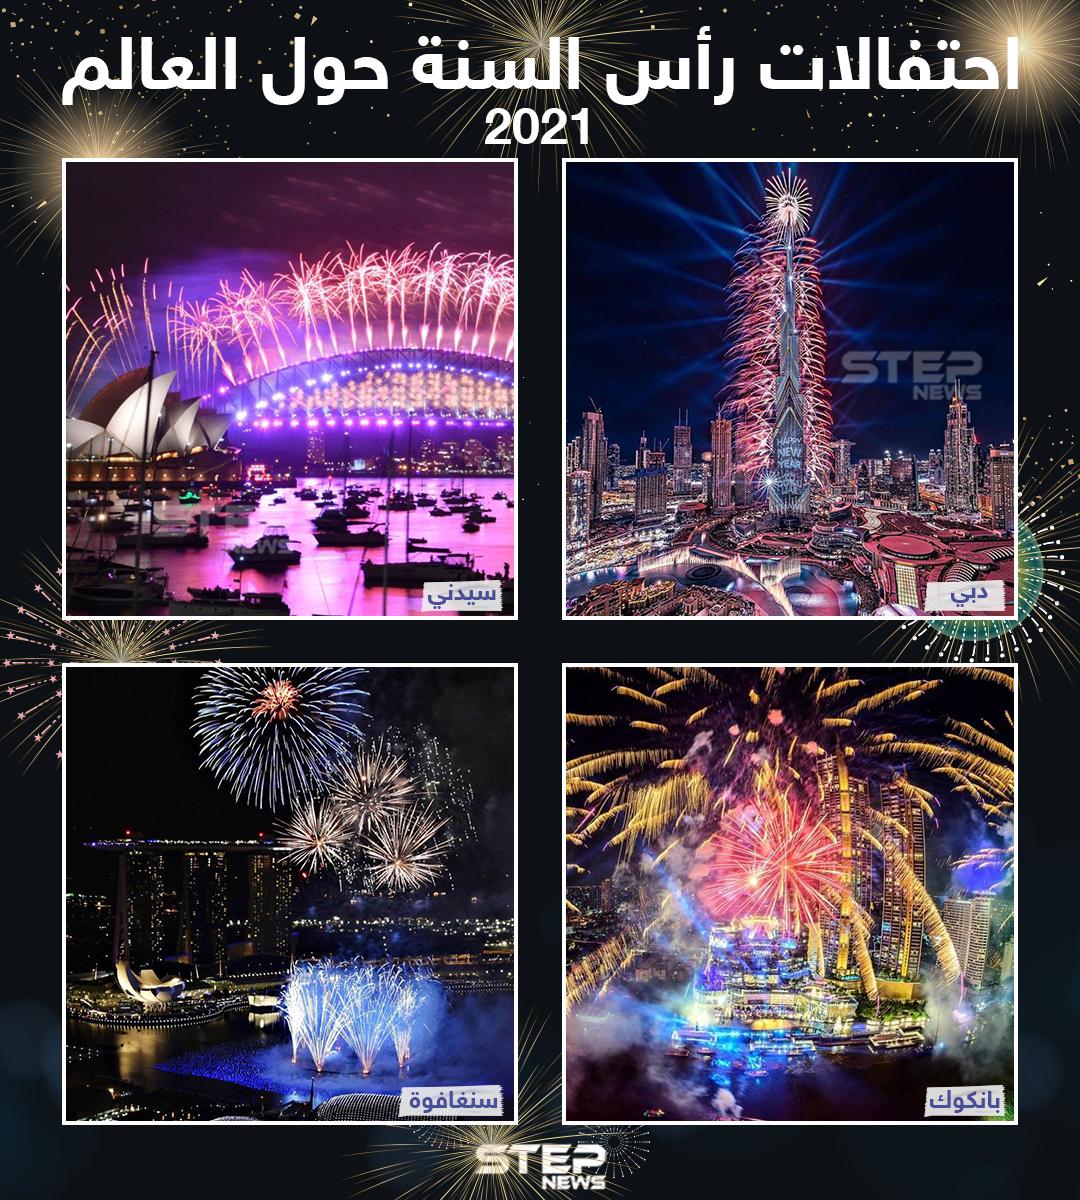 احتفالات رأس السنة 2021 حول العالم